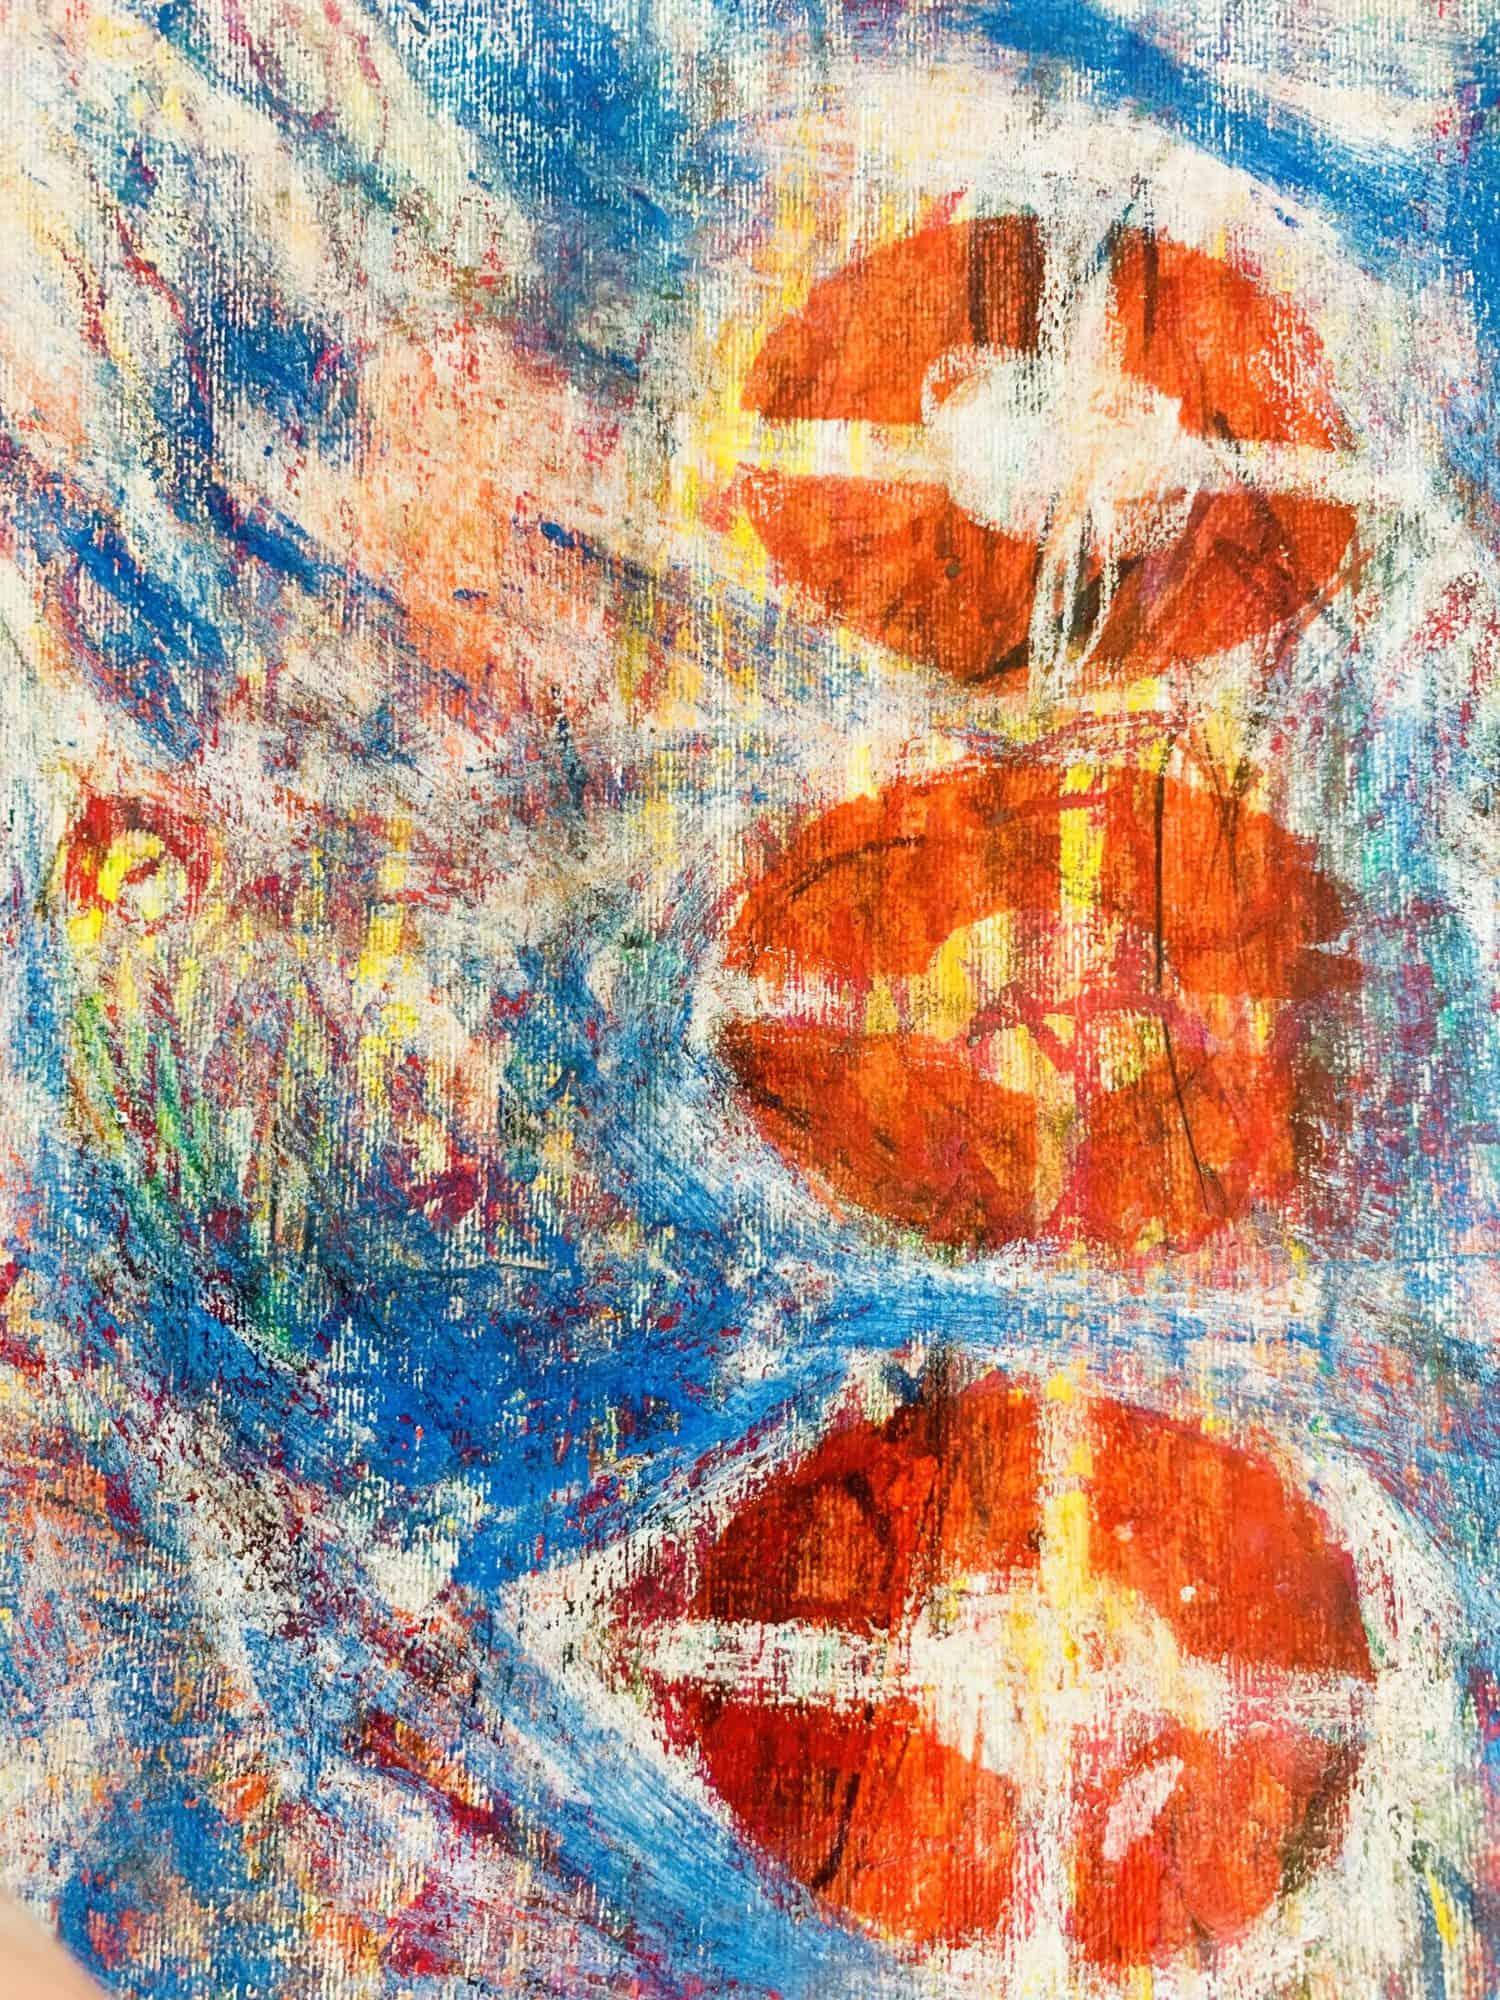 Abstraktes Acrylbild Rote runde Formen mit Blau